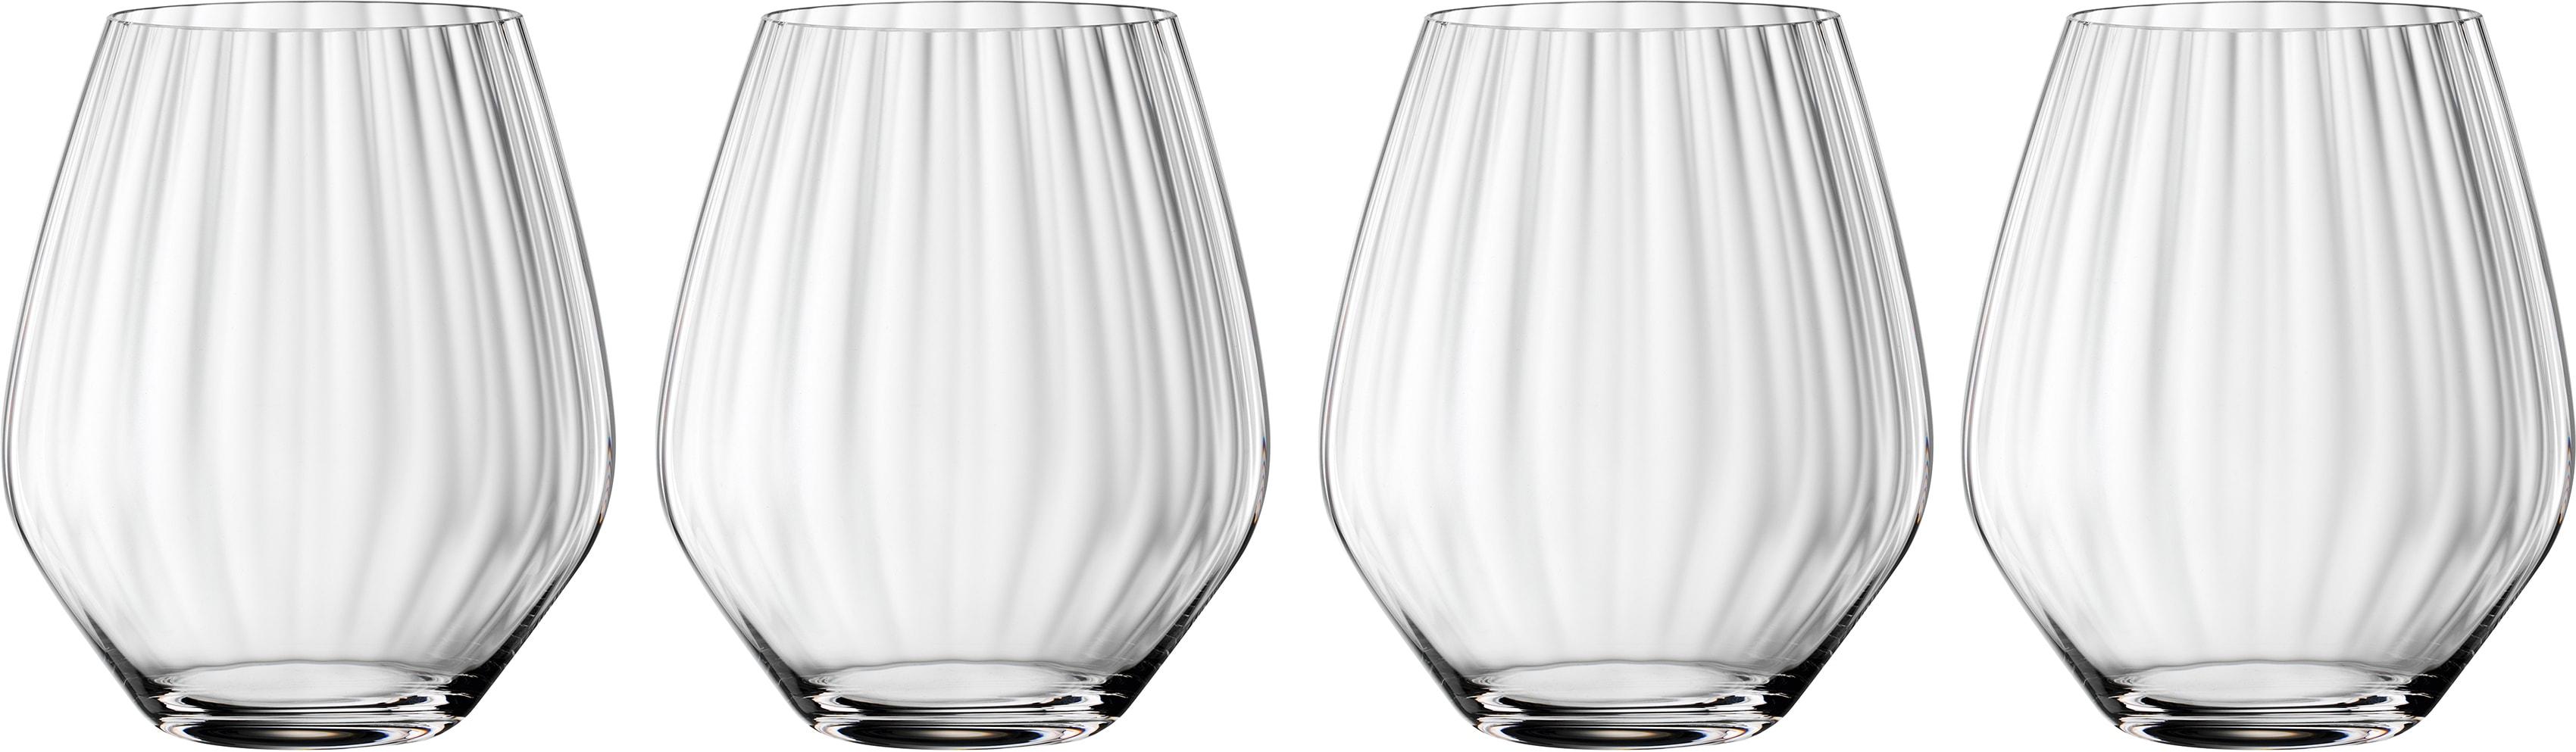 SPIEGELAU Cocktailglas Life Style, (Set, 4 tlg.), Gin Tonic, Kristallglas, 625 ml farblos Kristallgläser Gläser Glaswaren Haushaltswaren